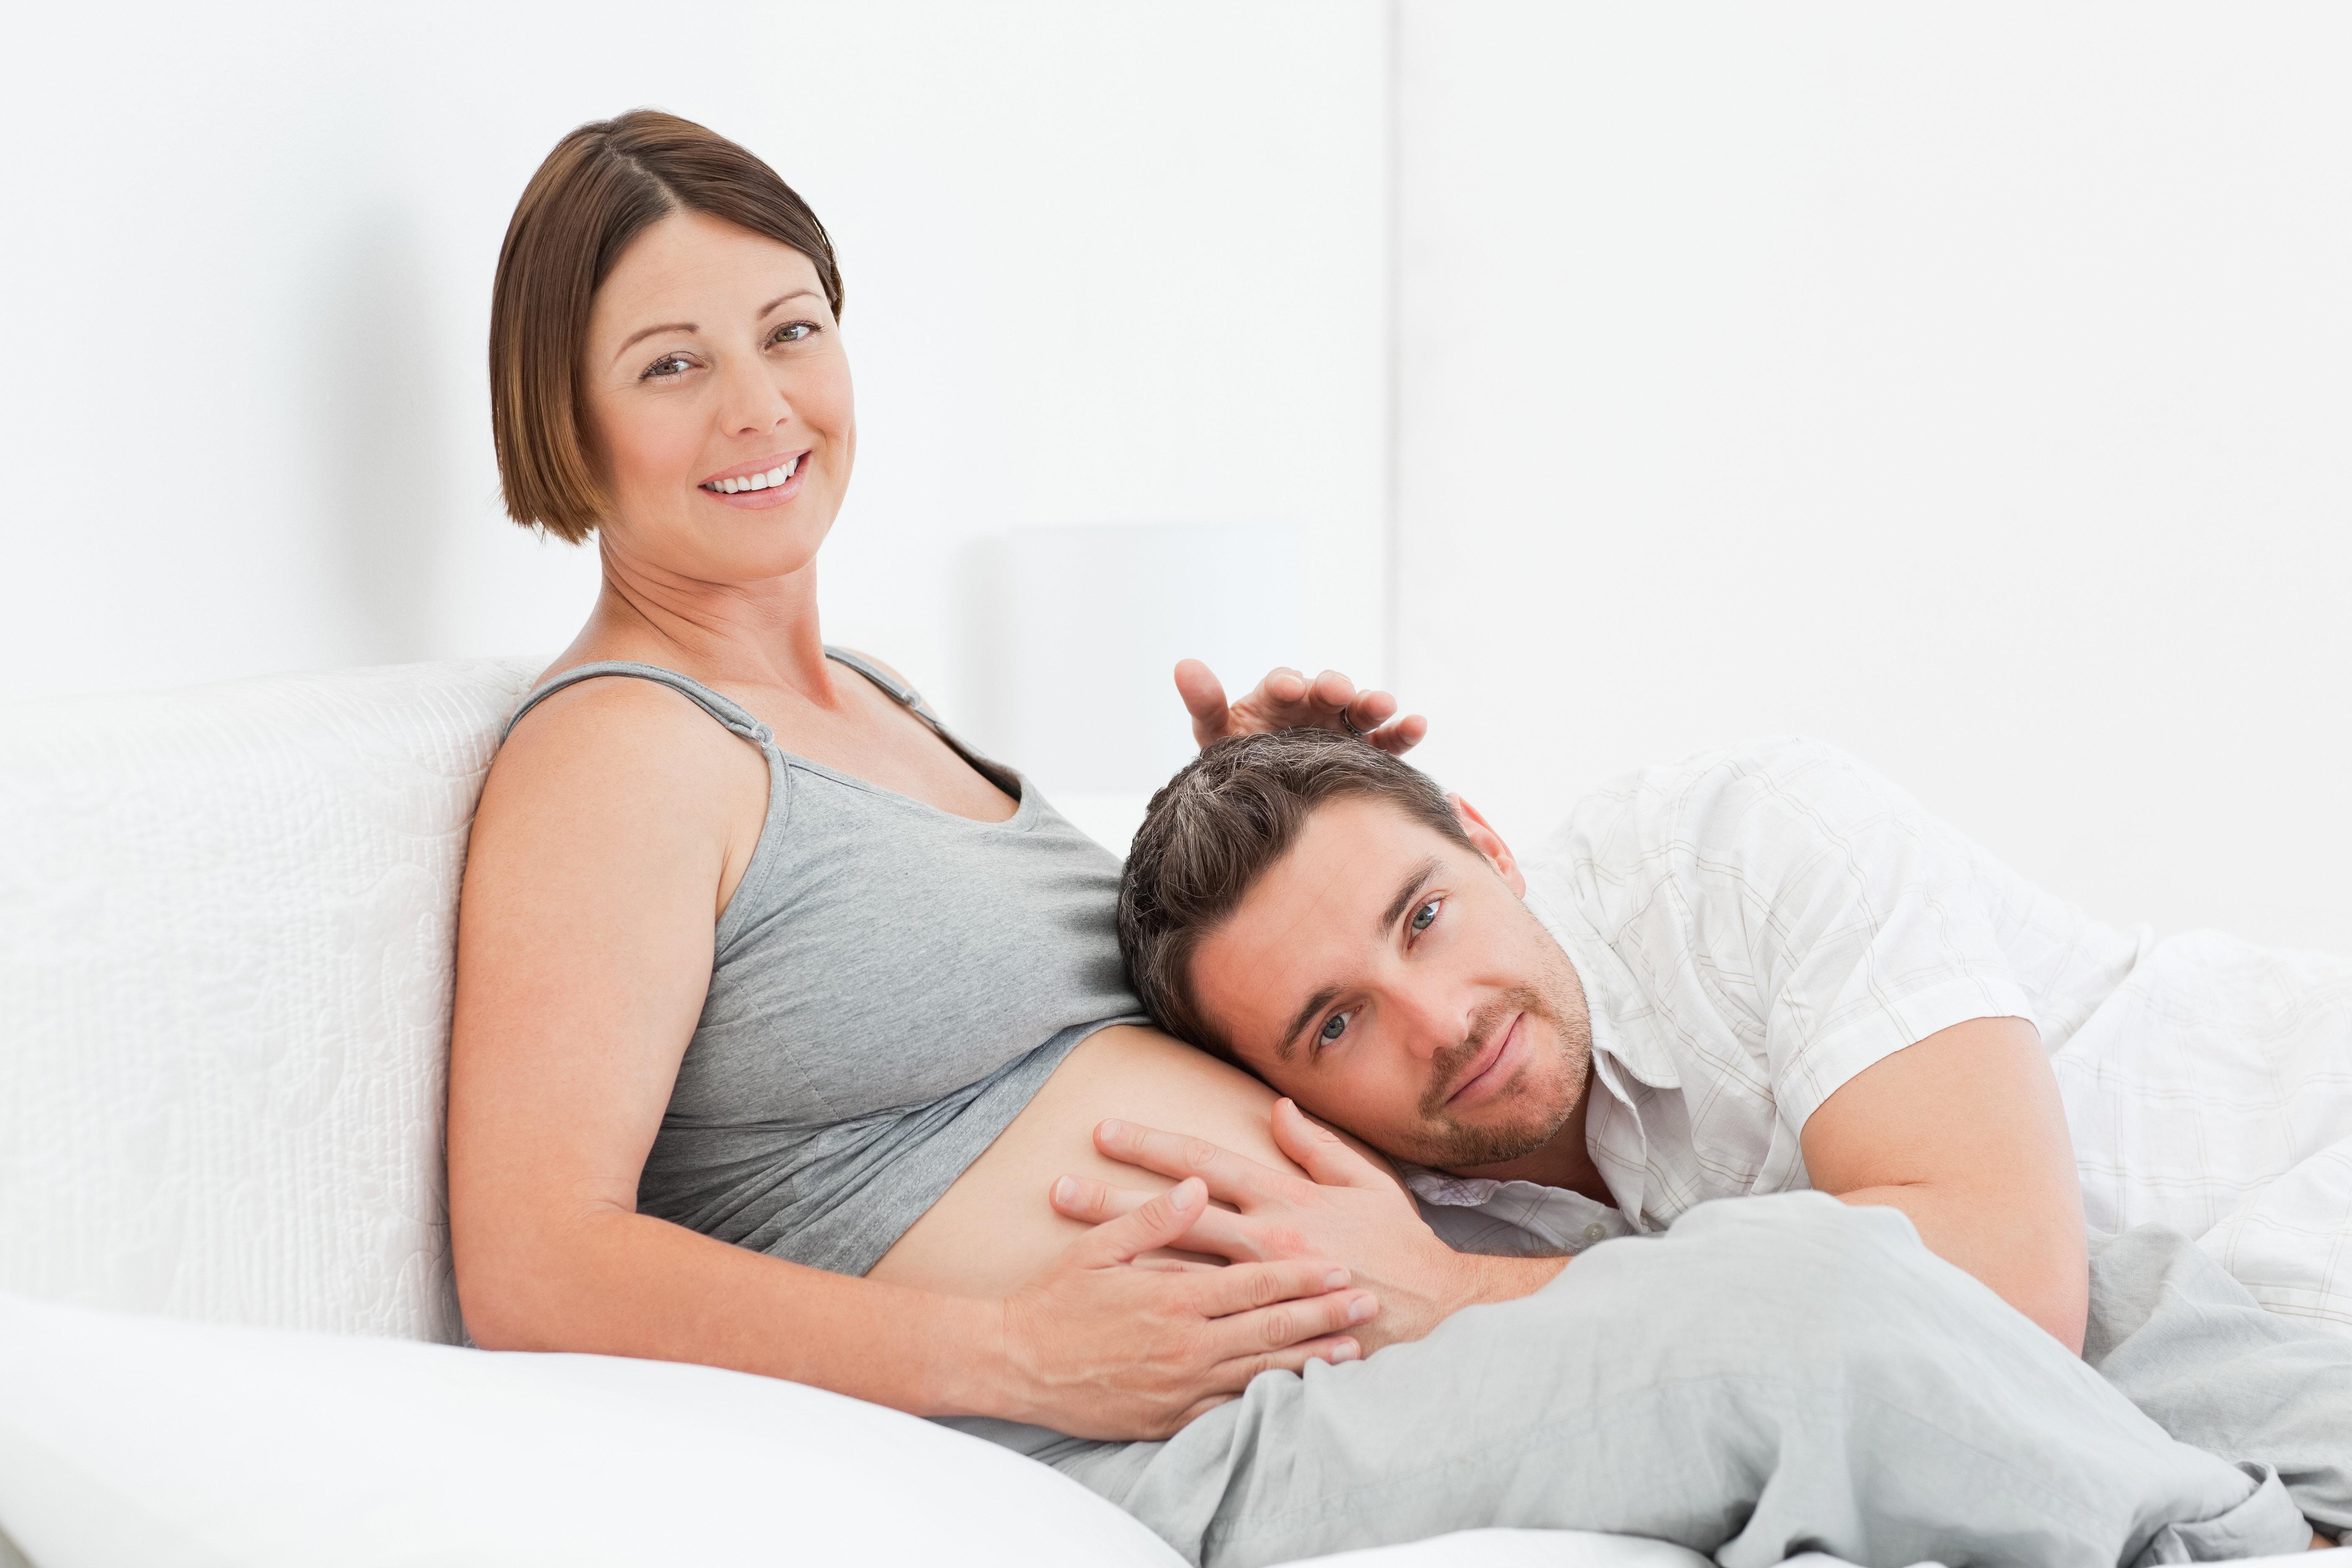 Картинки беременная женщина с мужем